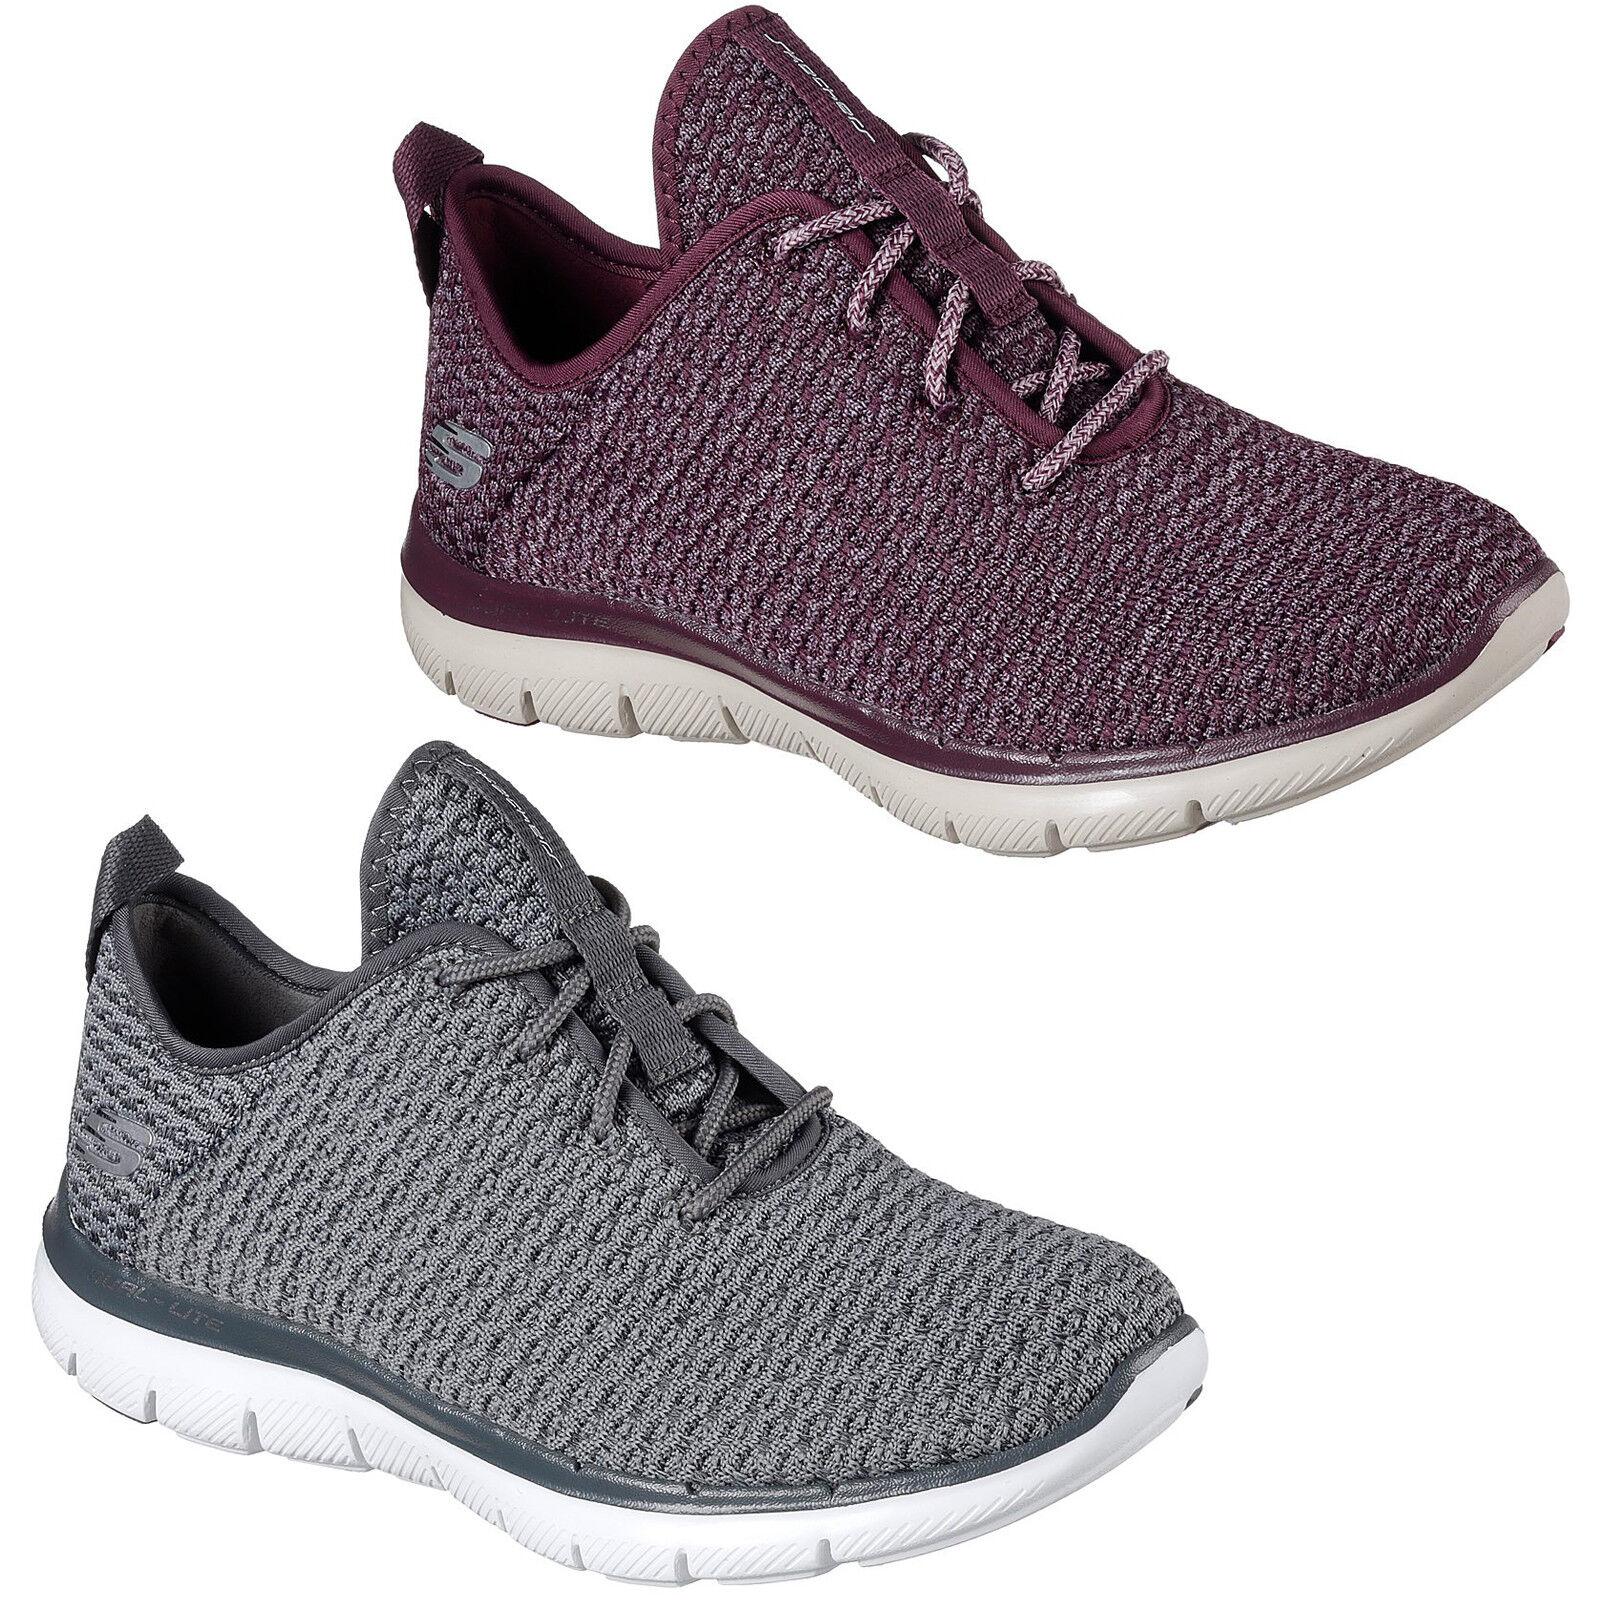 Skechers Flex Appeal 2.0 Bold Move Trainers Damenschuhe Memory Foam Sports Schuhes